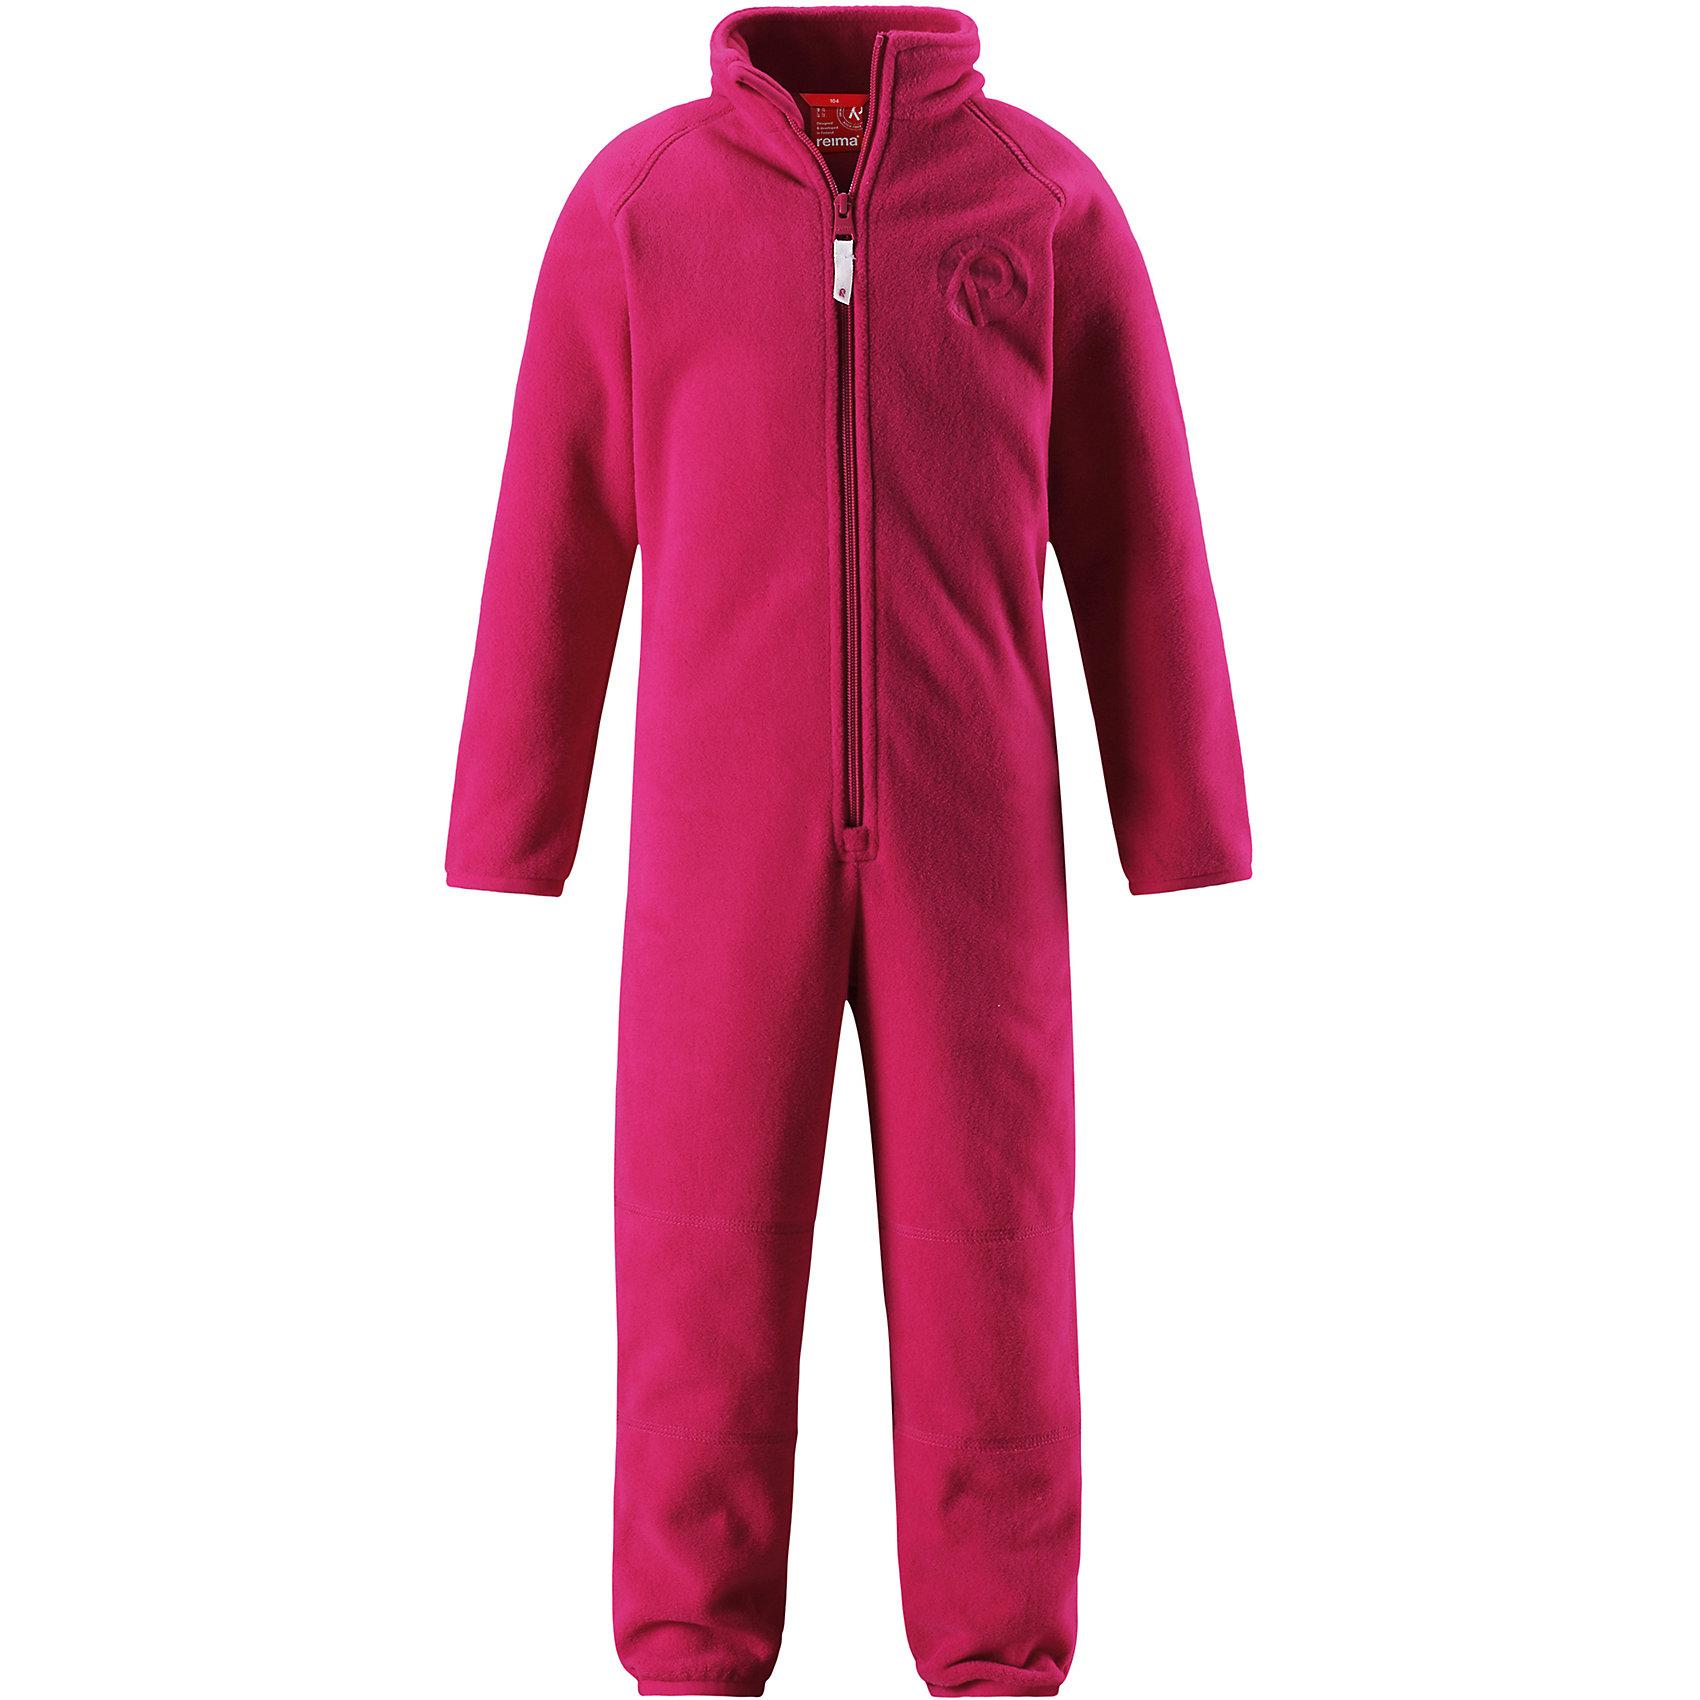 Флисовый комбинезон Reima KrazФлис и термобелье<br>Характеристики товара:<br><br>• цвет: розовый;<br>• состав: 100% полиэстер;<br>• сезон: зима;<br>• застежка: молния по всей длине с защитой подбородка;<br>• быстро сохнут и сохраняют тепло;<br>• выводит влагу в верхние слои одежды;<br>• эластичные манжеты на рукавах и брючинах;<br>• эластичная сборка сзади;<br>• страна бренда: Финляндия;<br>• страна изготовитель: Китай.<br><br>Мягкий и легкий полярный флис – это теплый и при этом быстросохнущий материал, который отводит влагу и не парит даже во время активных игр. Флисовый комбинезон очень легко надевать: молния во всю длину облегчает надевание, а эластичная регулируемая талия плотно держит брюки на поясе. Это лучший вариант для поддевания под верхнюю одежду.<br><br>Флисовый комбинезон Reima Kraz от финского бренда Reima (Рейма) можно купить в нашем интернет-магазине.<br><br>Ширина мм: 190<br>Глубина мм: 74<br>Высота мм: 229<br>Вес г: 236<br>Цвет: розовый<br>Возраст от месяцев: 84<br>Возраст до месяцев: 96<br>Пол: Унисекс<br>Возраст: Детский<br>Размер: 128,92,98,104,110,116,122<br>SKU: 6901933